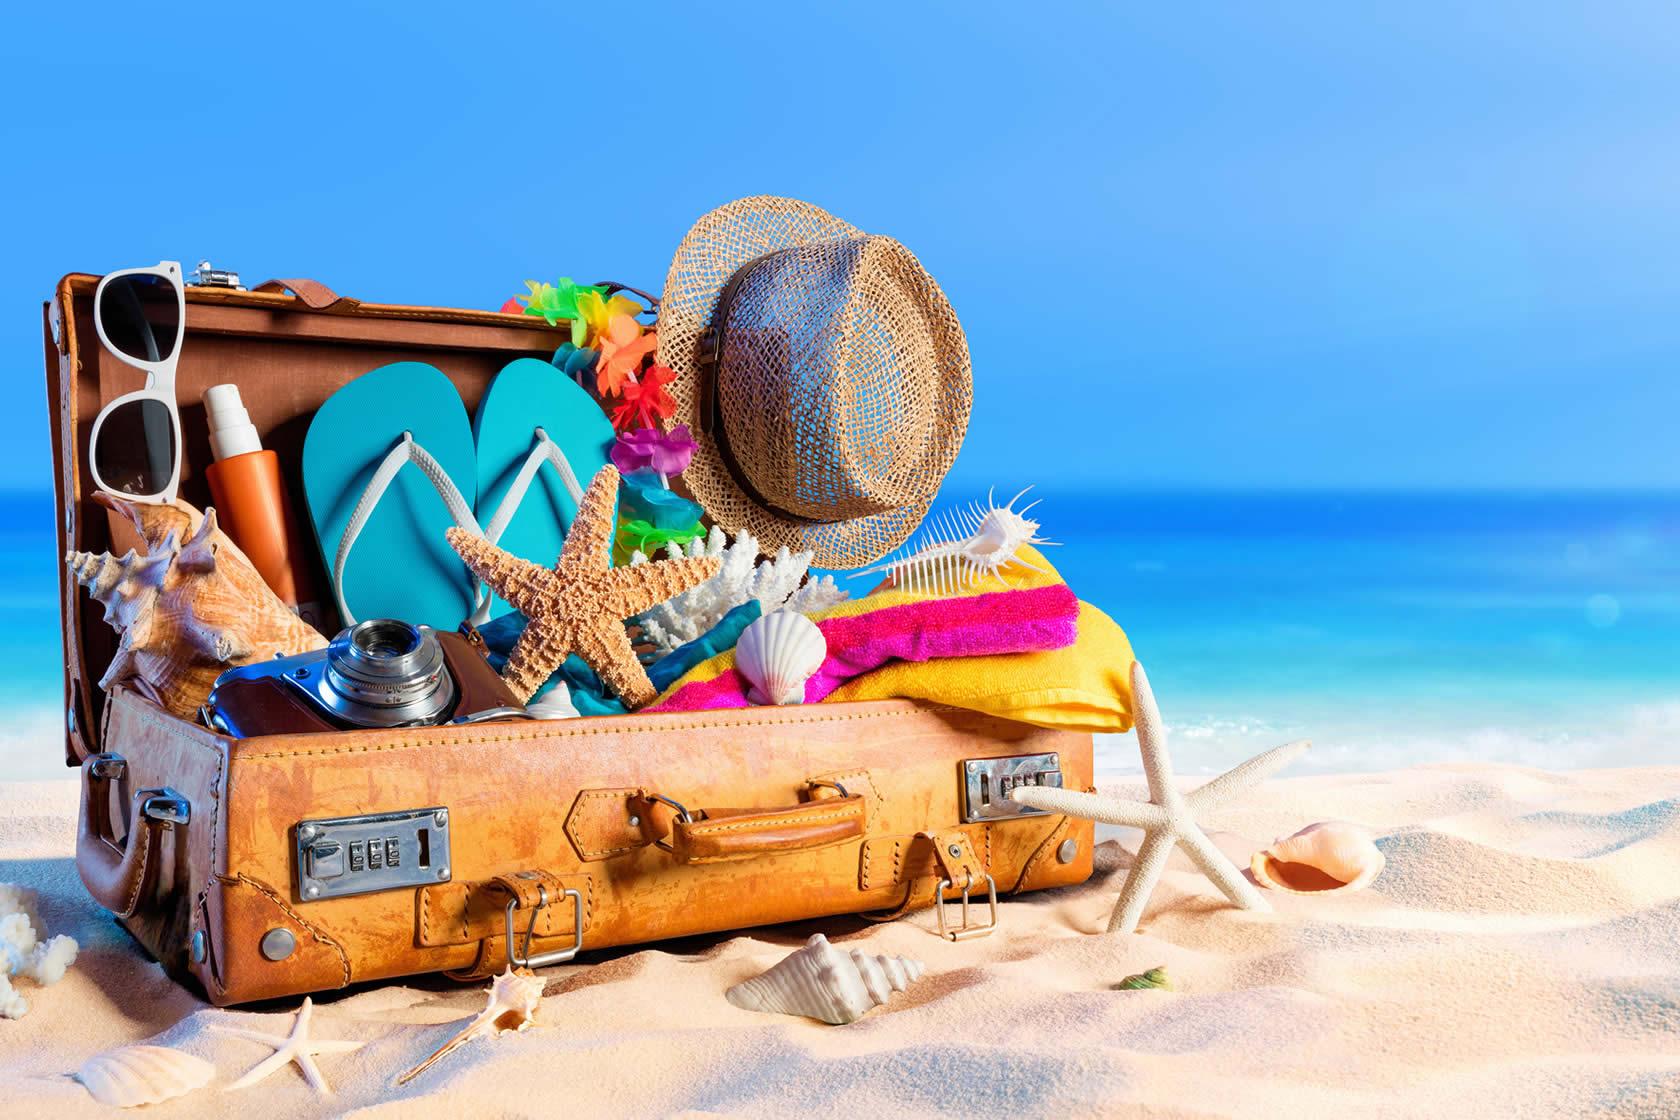 Открытка собираем чемодан в отпуск